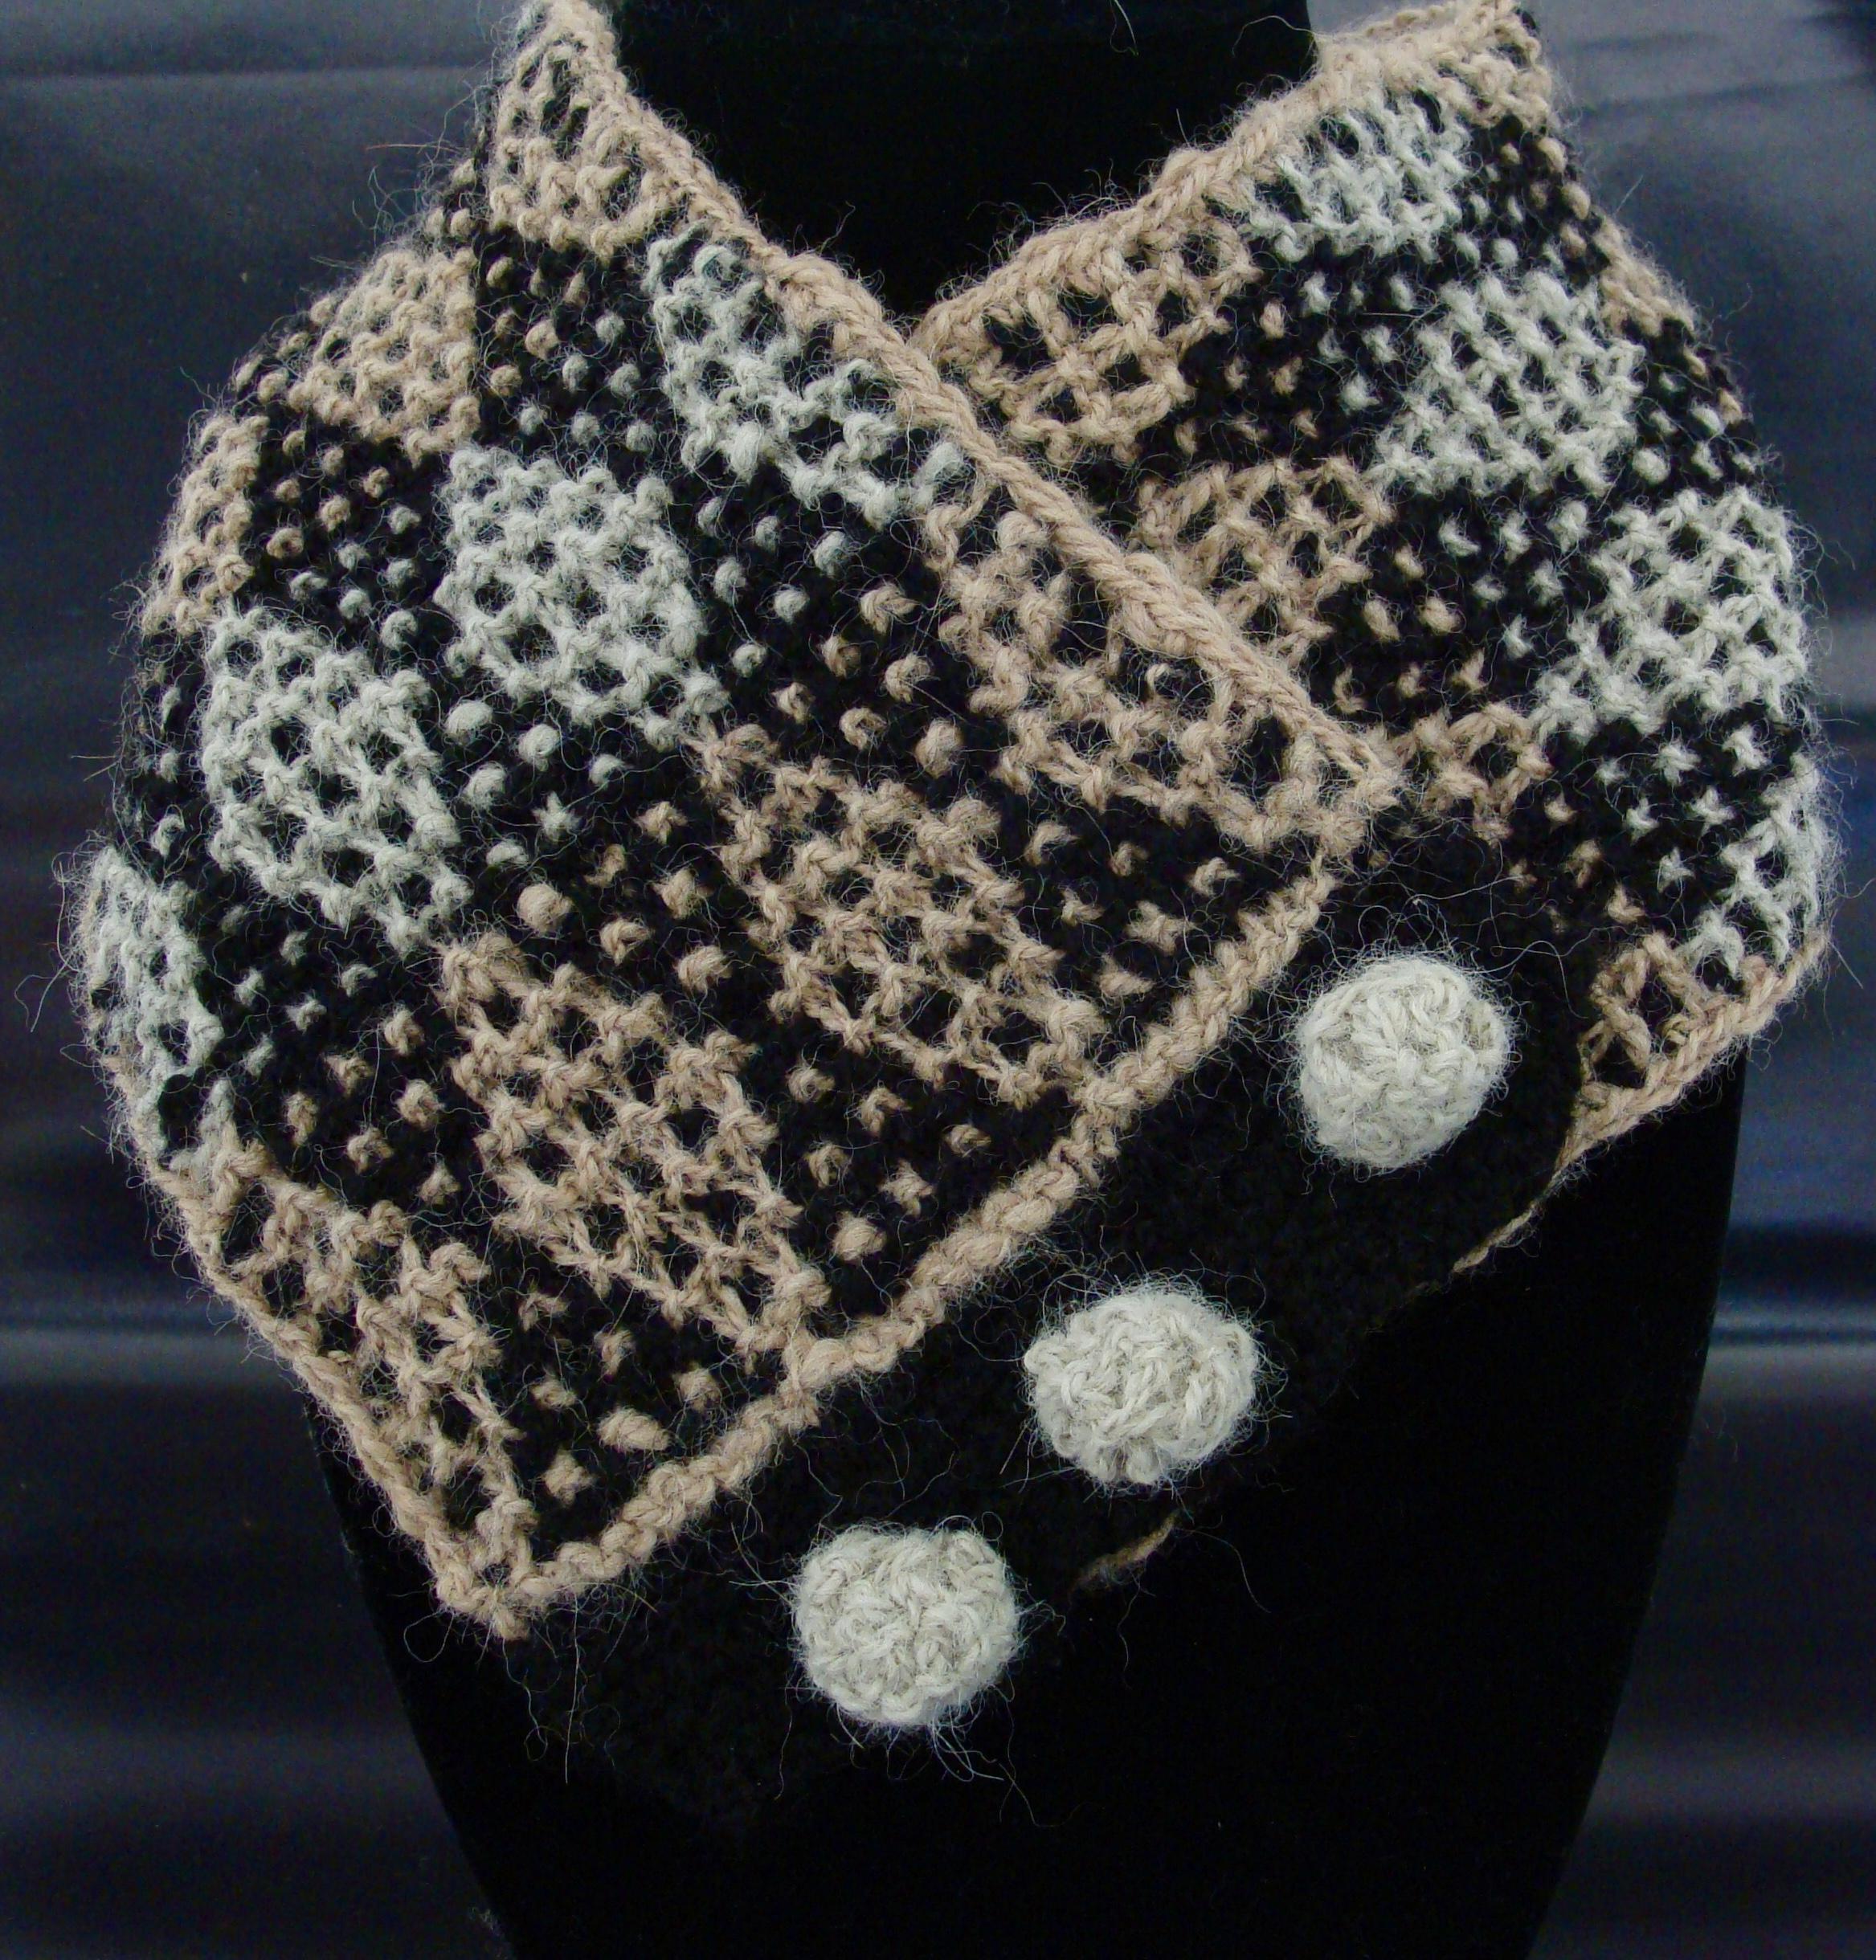 knitted handspun alpaca neck warmer